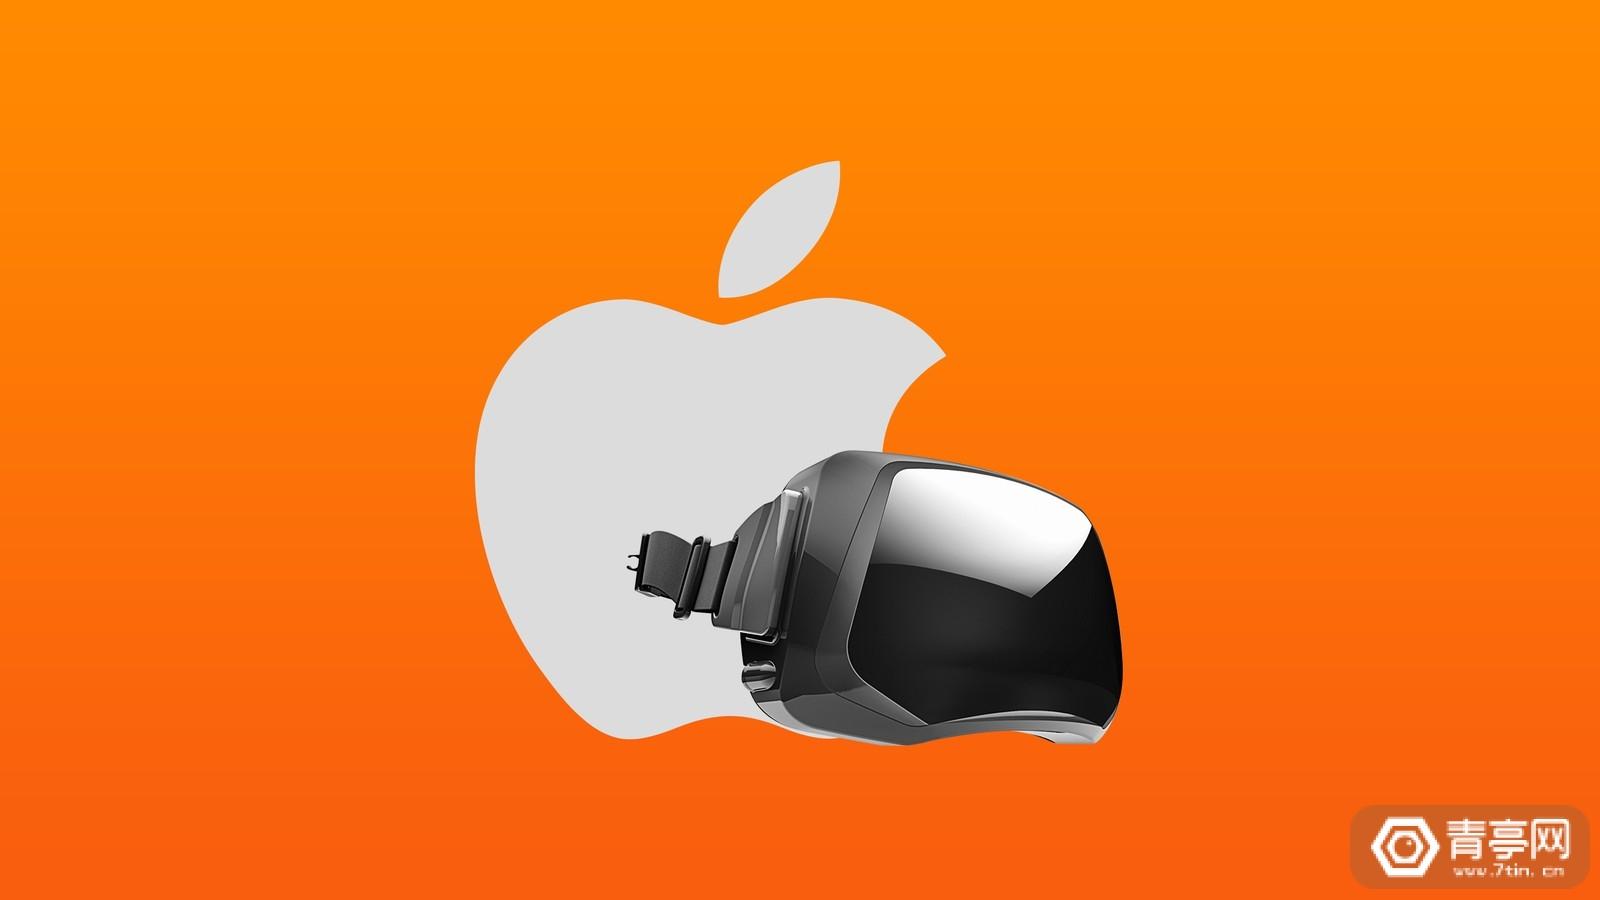 苹果AR/VR专利:混合现实中虚拟图像畸变叠加方案